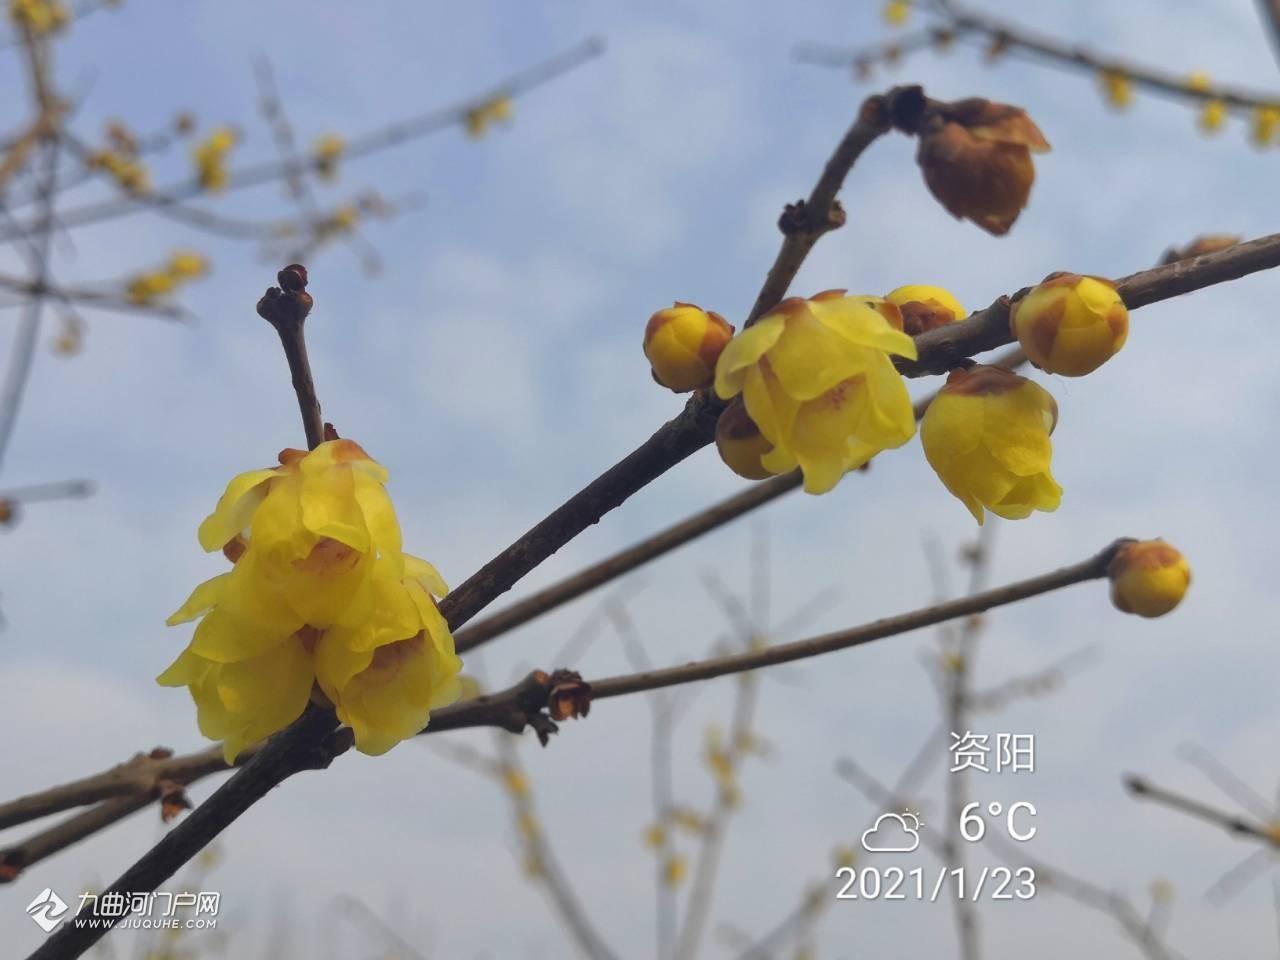 想把照片送给爱生活的中国大妈!分享下上周末时光,让这周工作更有动力!